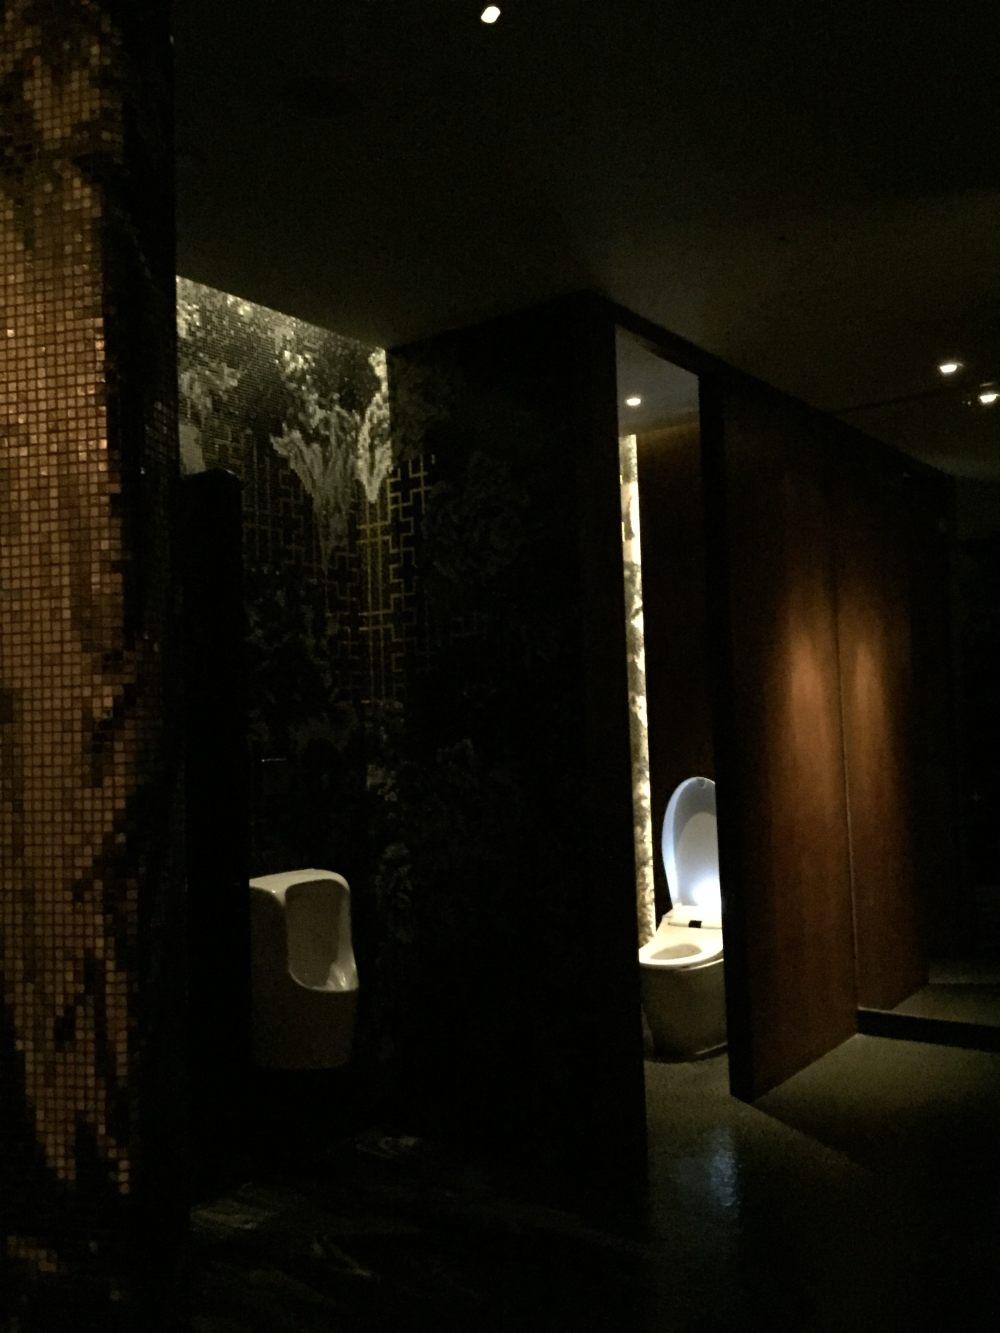 上海外滩W酒店,史上最全入住体验 自拍分享,申请置...._IMG_5912.JPG